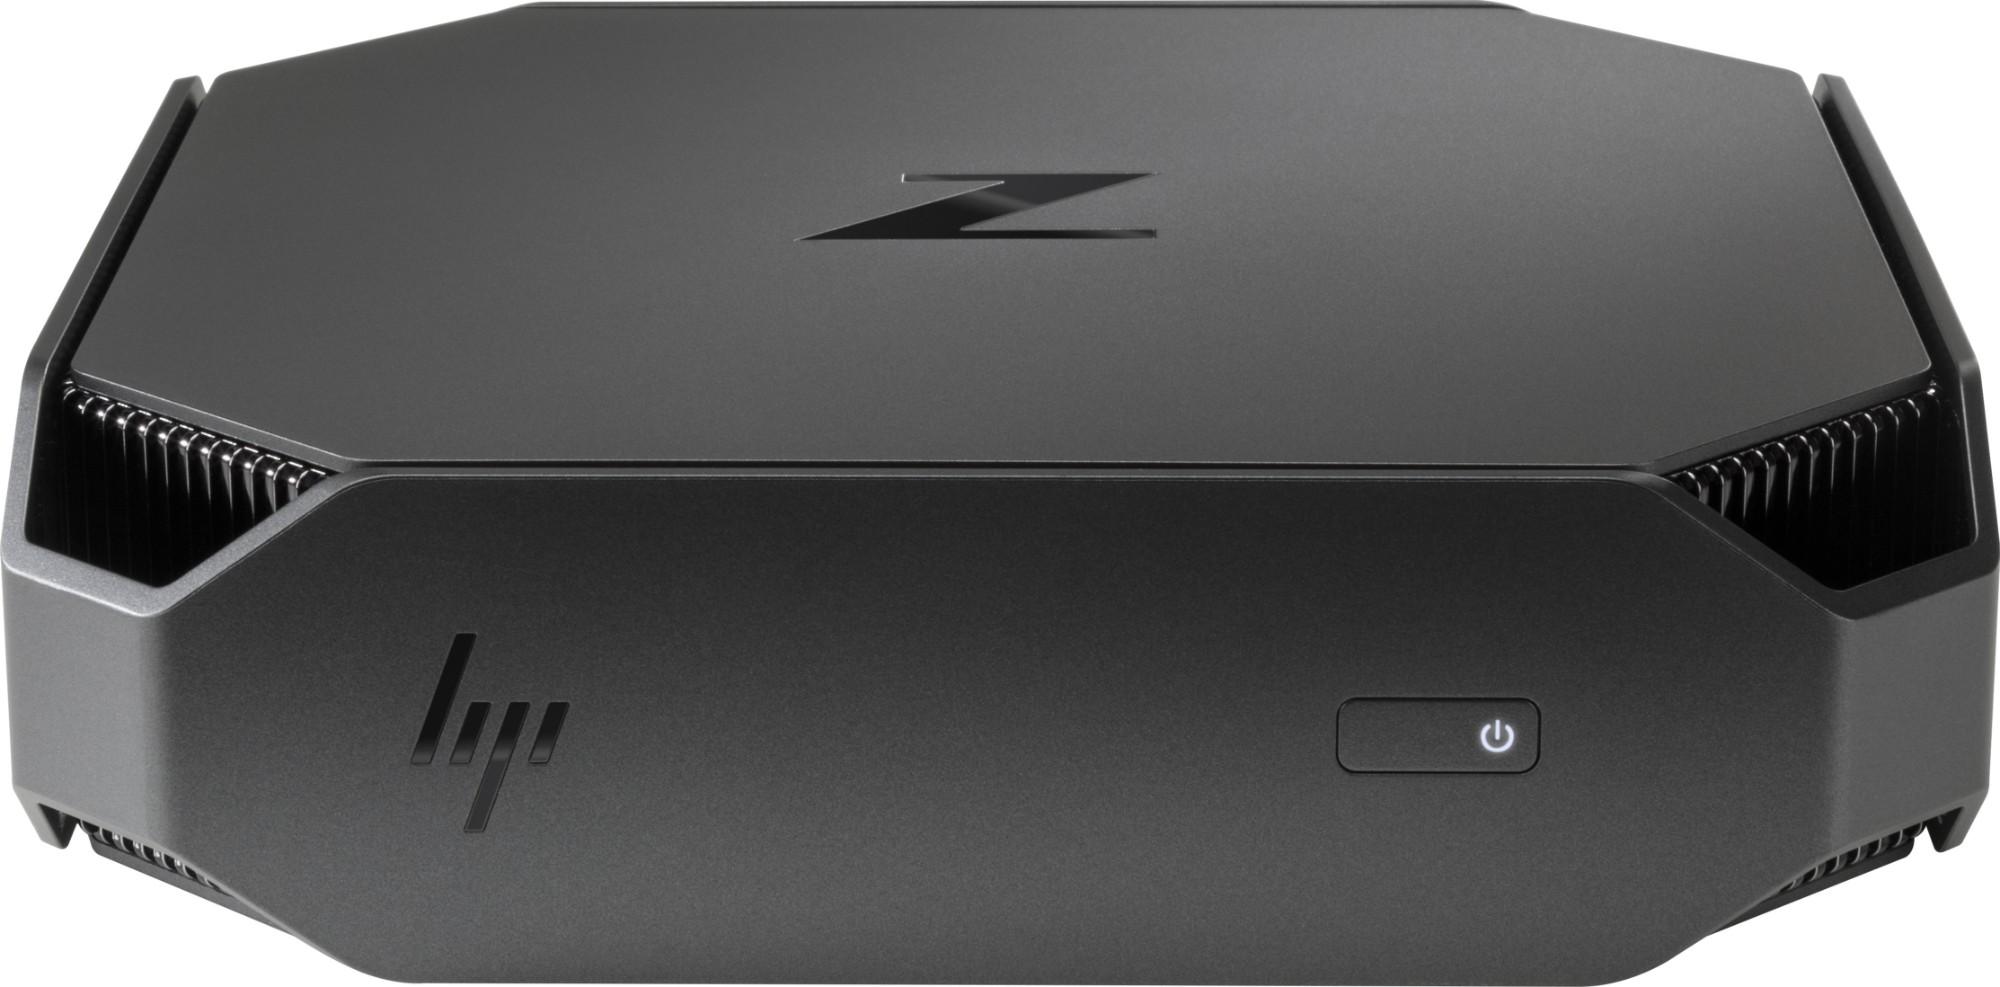 Workstation Z2 Mini G3 i7-6700 / 8GB 1TB Win10 Pro